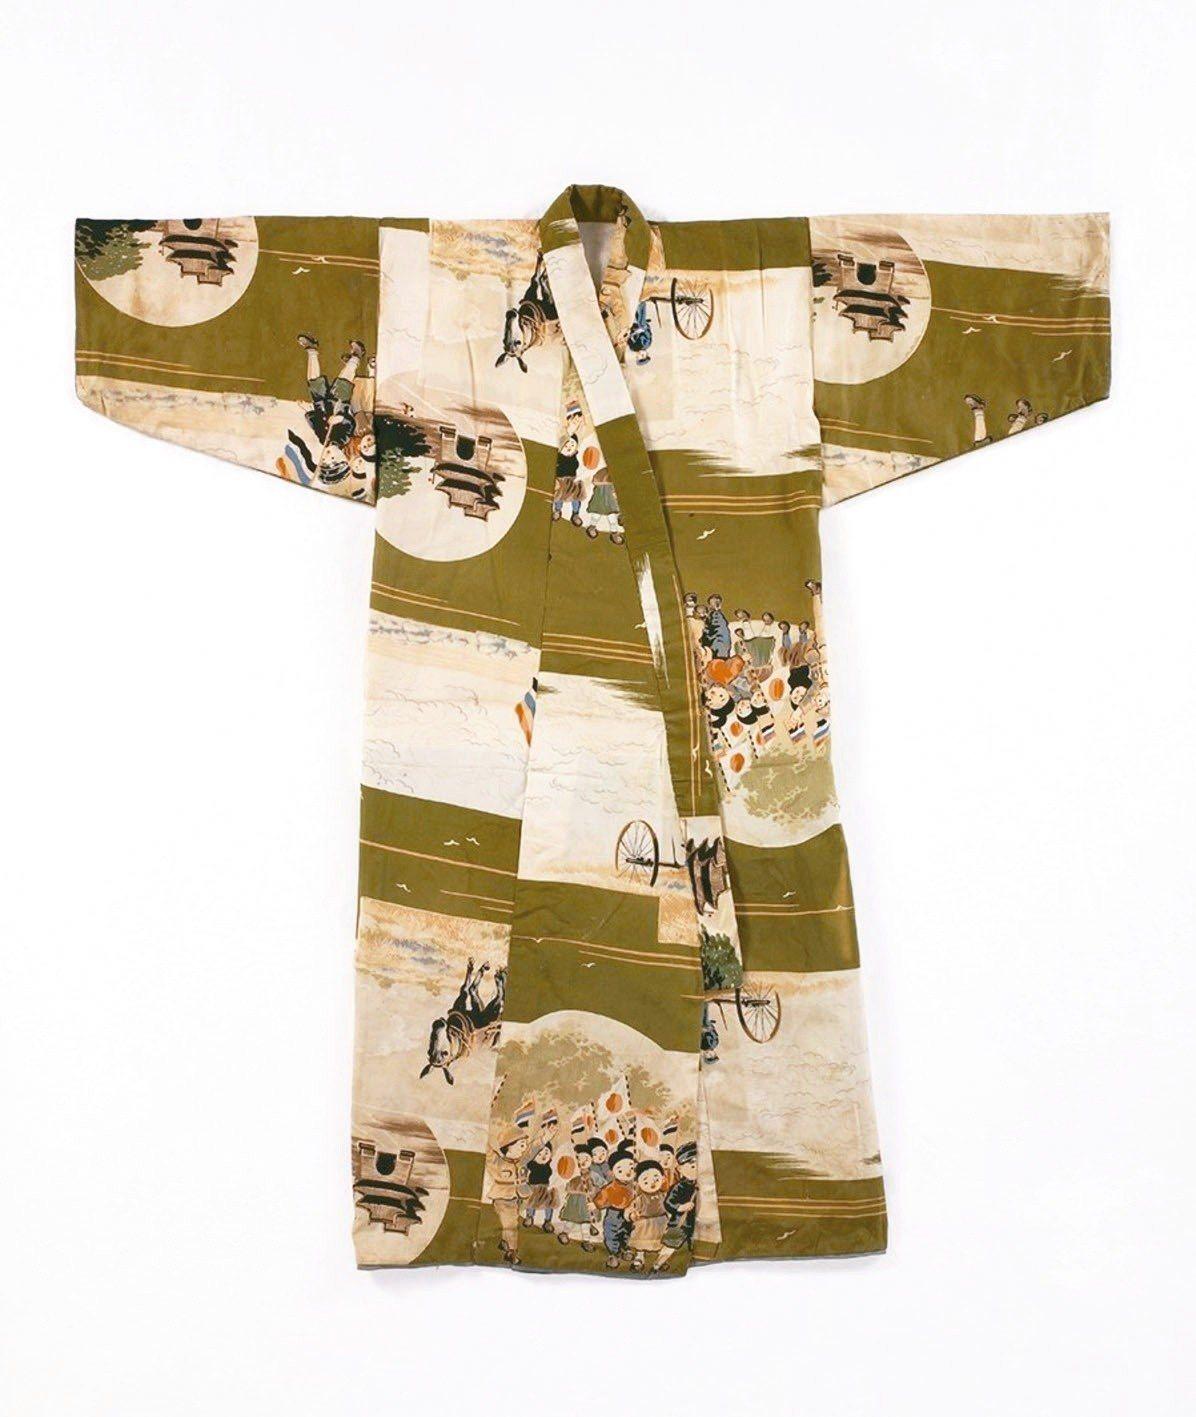 圖1: 男童絲織和服,二十世紀初。